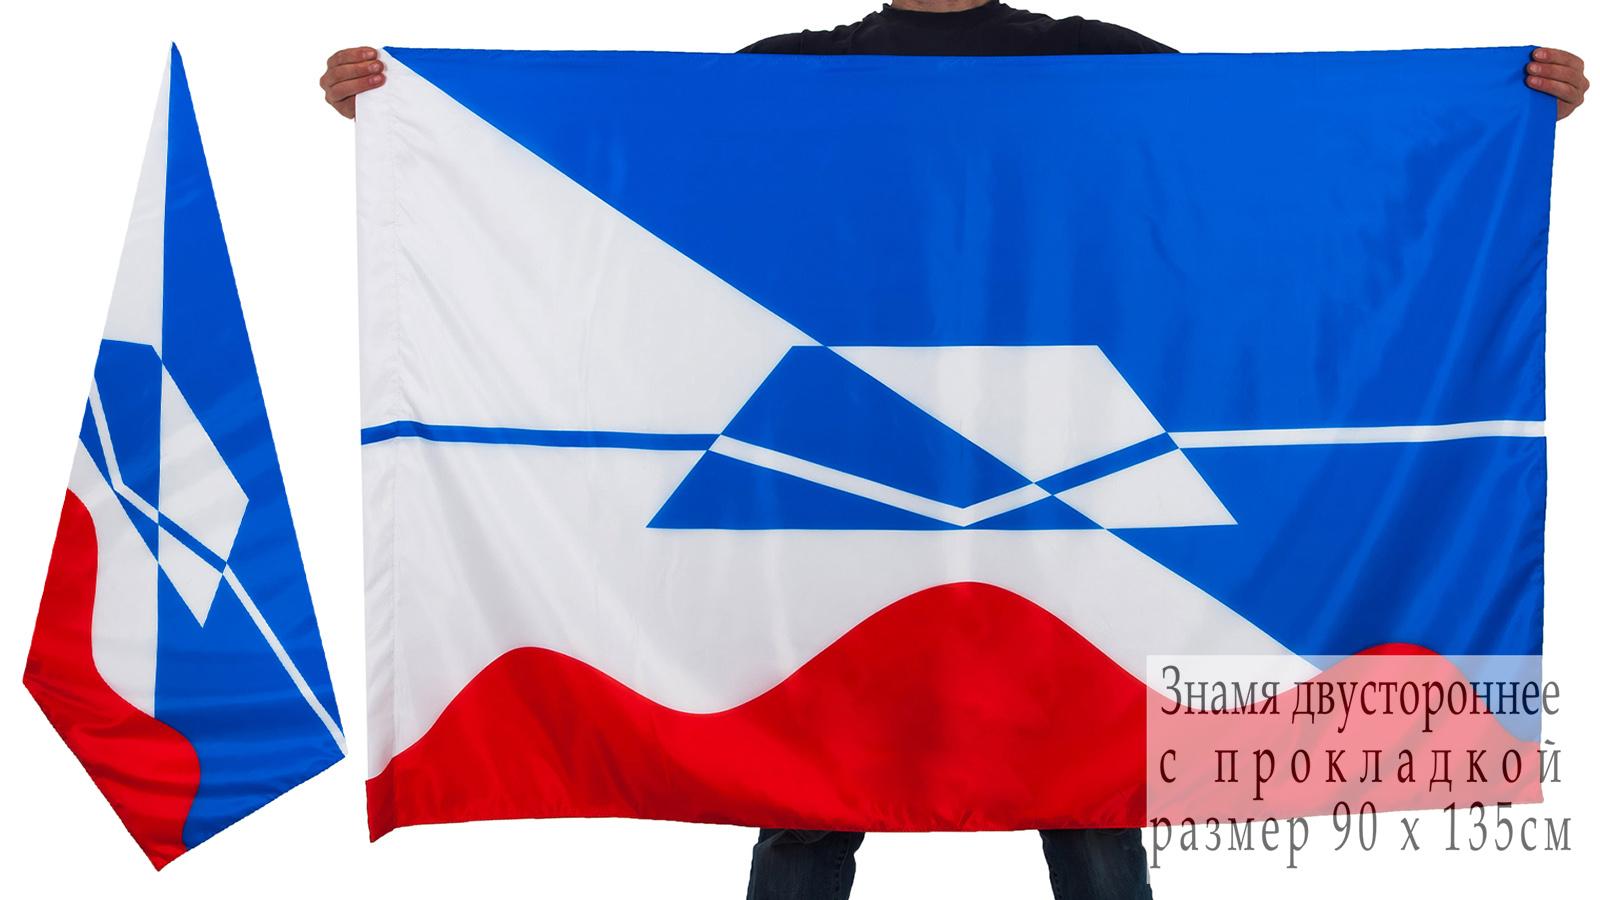 Двухсторонний флаг Красногорска